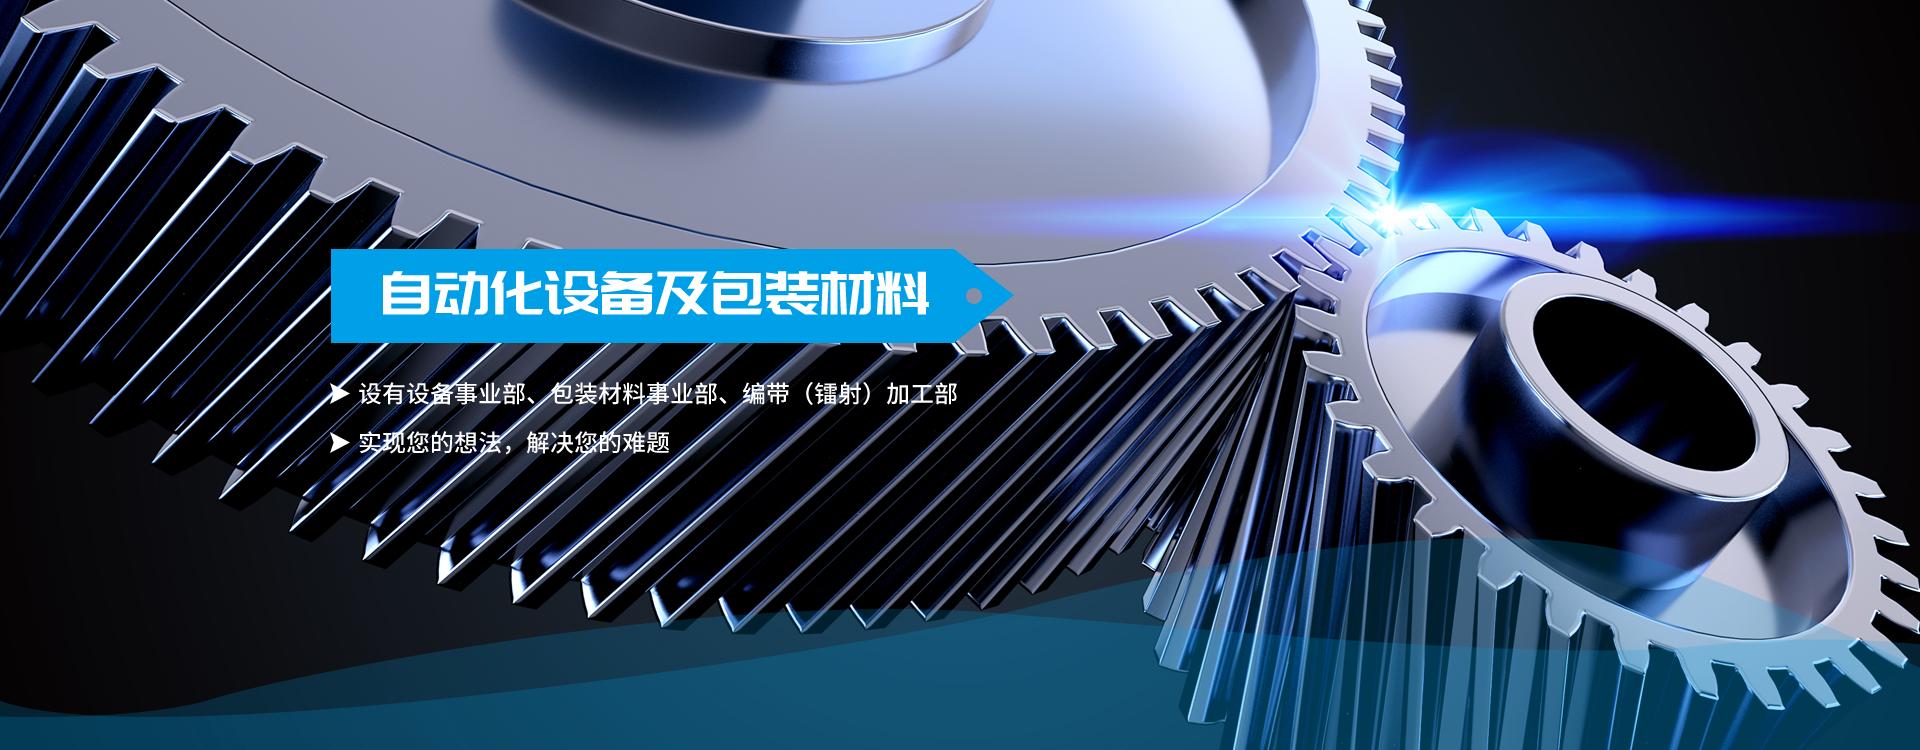 深圳市龙方精密电子有限公司